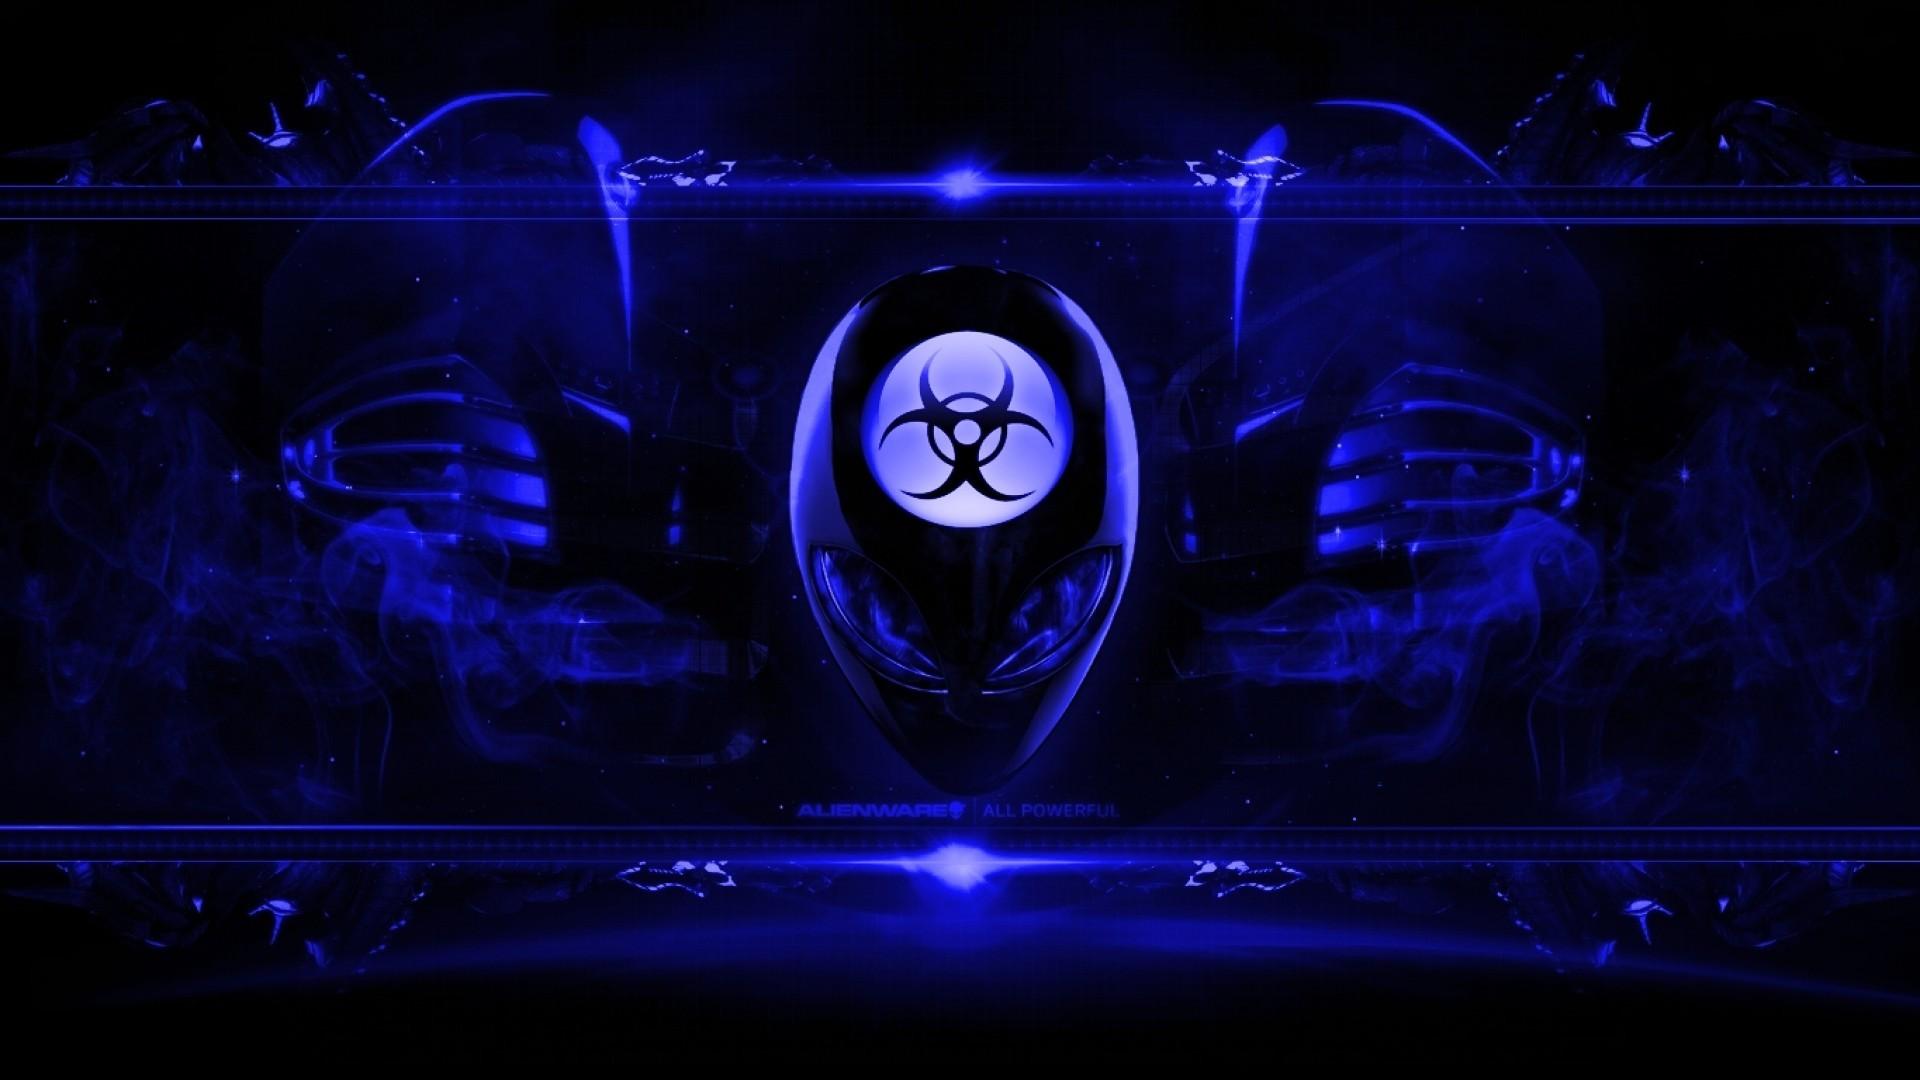 Alienware Desktop Background Radioactive Blue 1920×1080